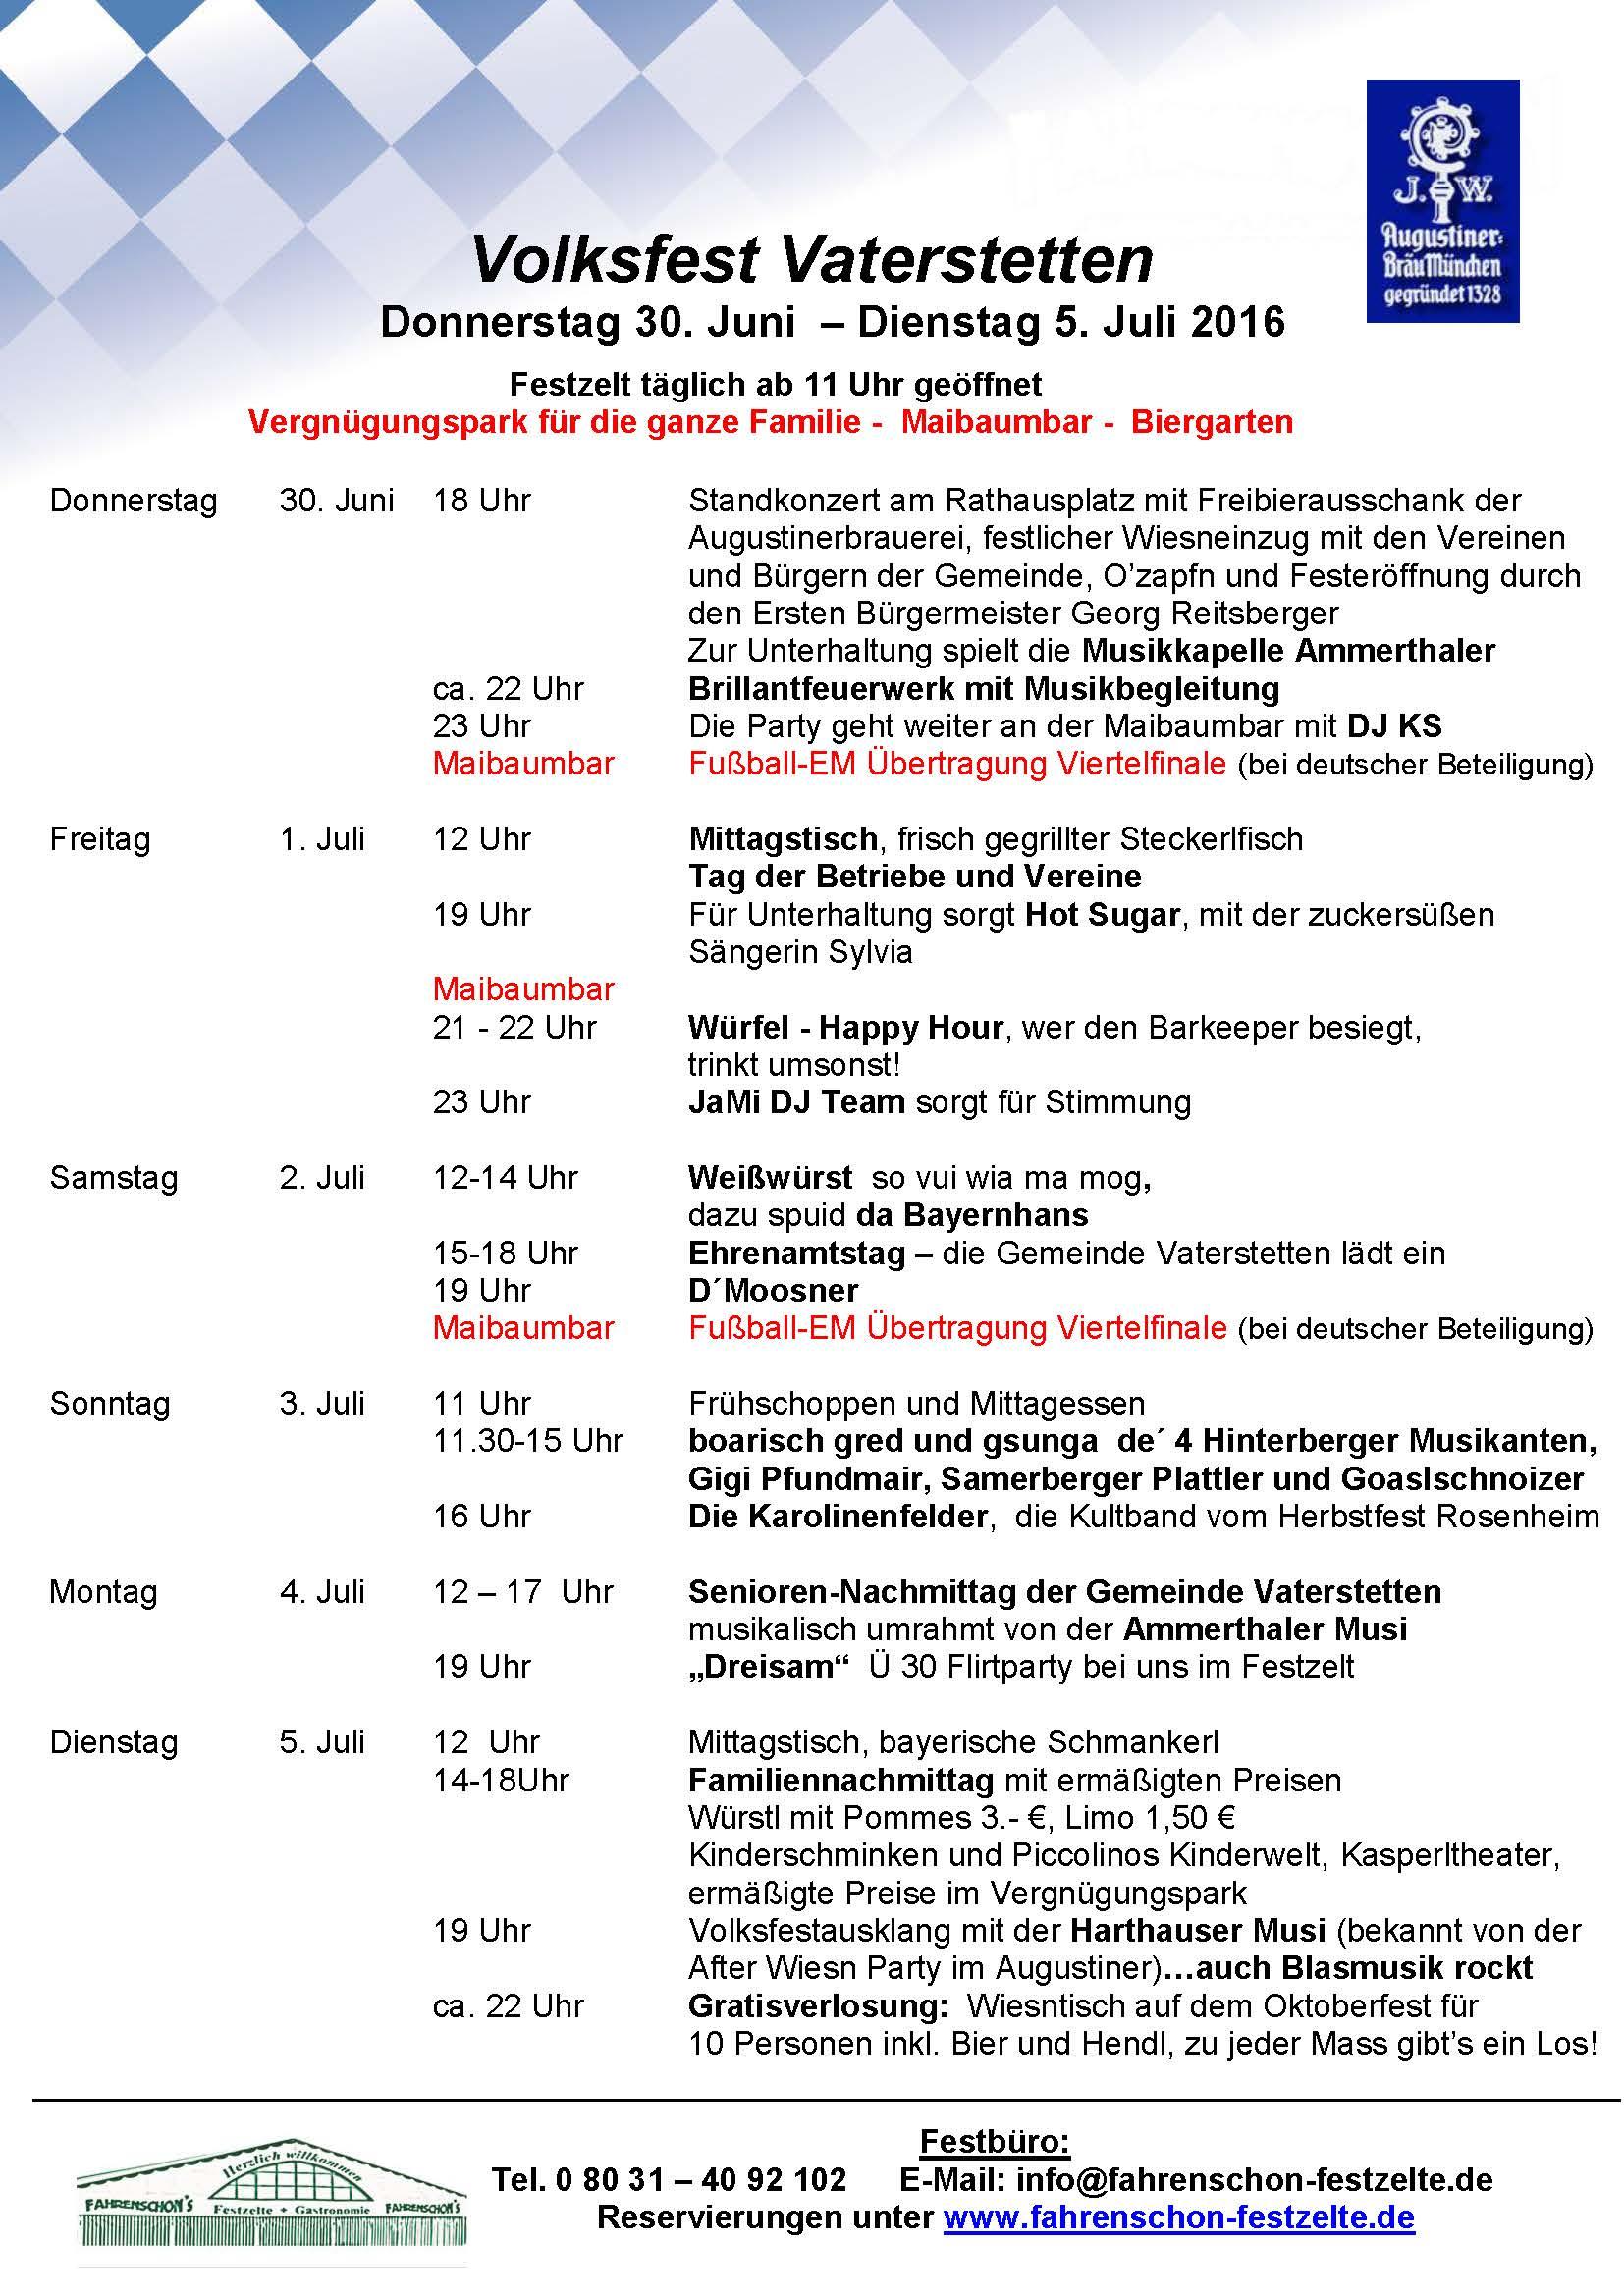 Programm Volksfest